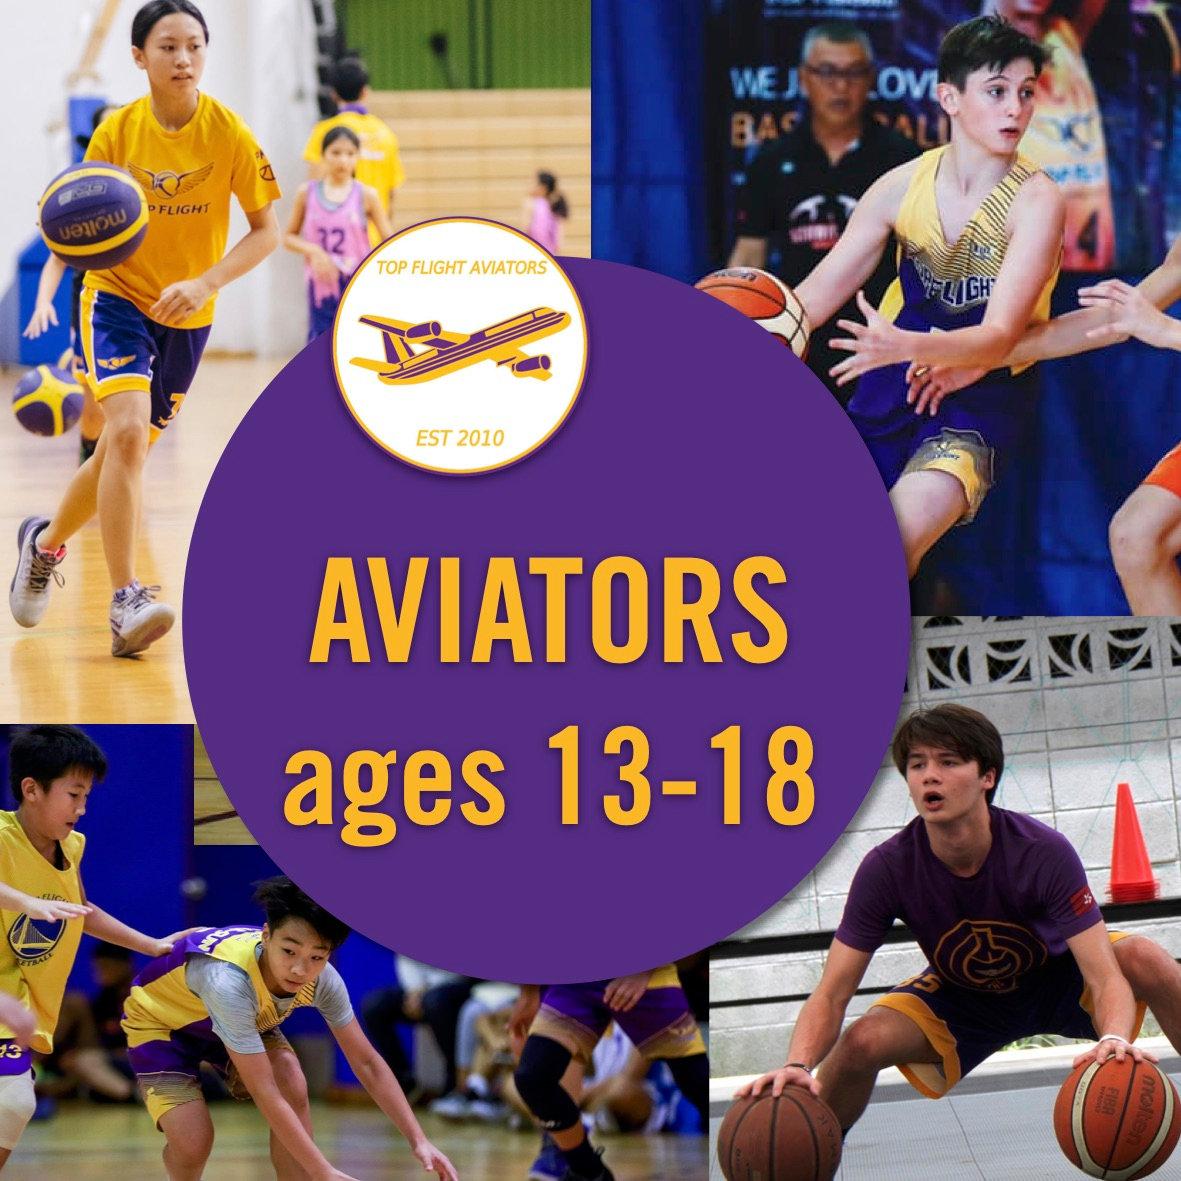 Aviators ages 13-18 /10:30-12:00/SISB PU